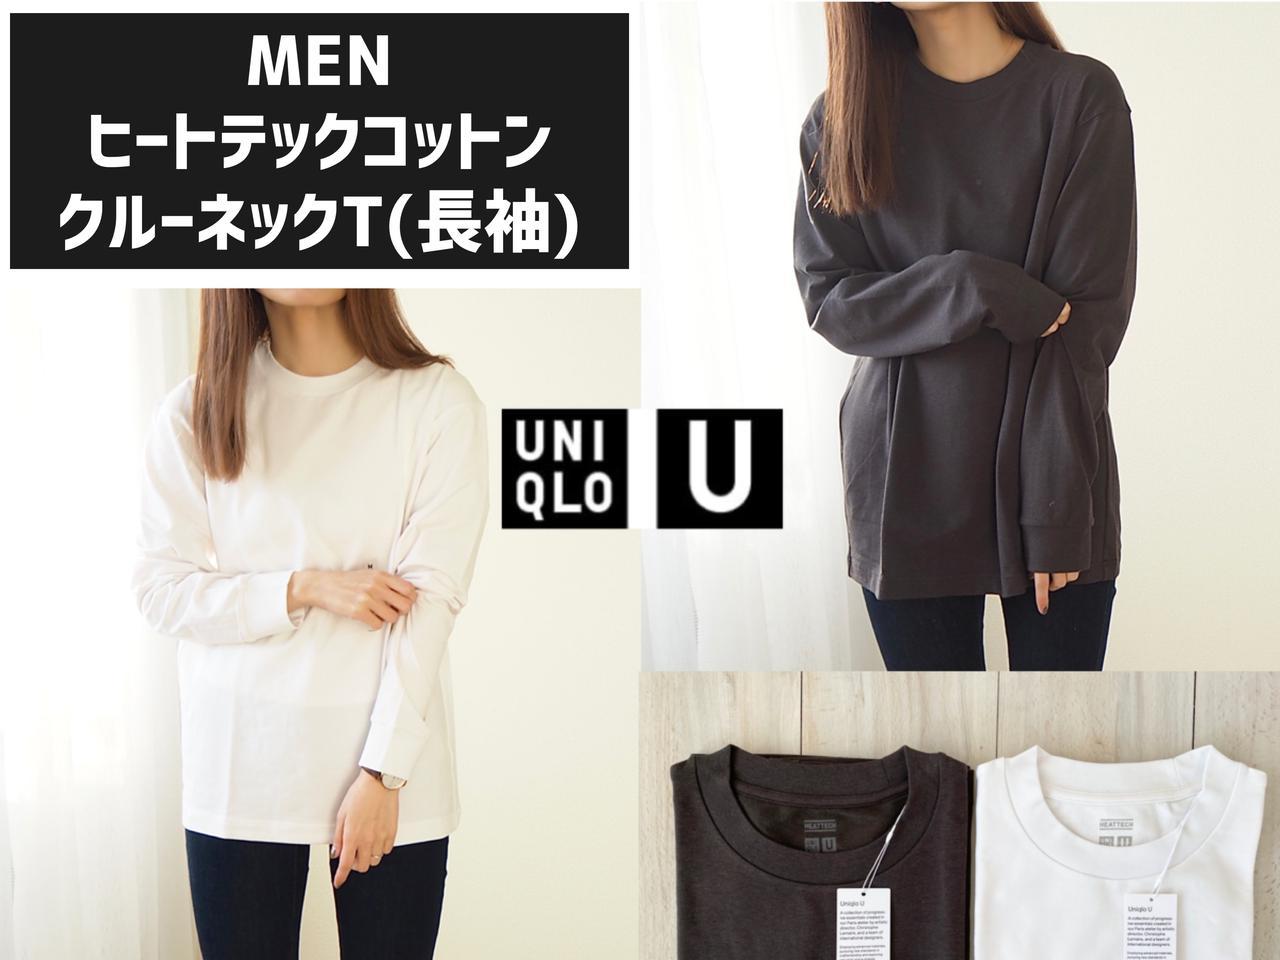 画像8: 【ユニクロ】感謝祭で今話題のヒートテックTシャツを購入!生地やサイズ感は?どうやって着る?【レビュー】